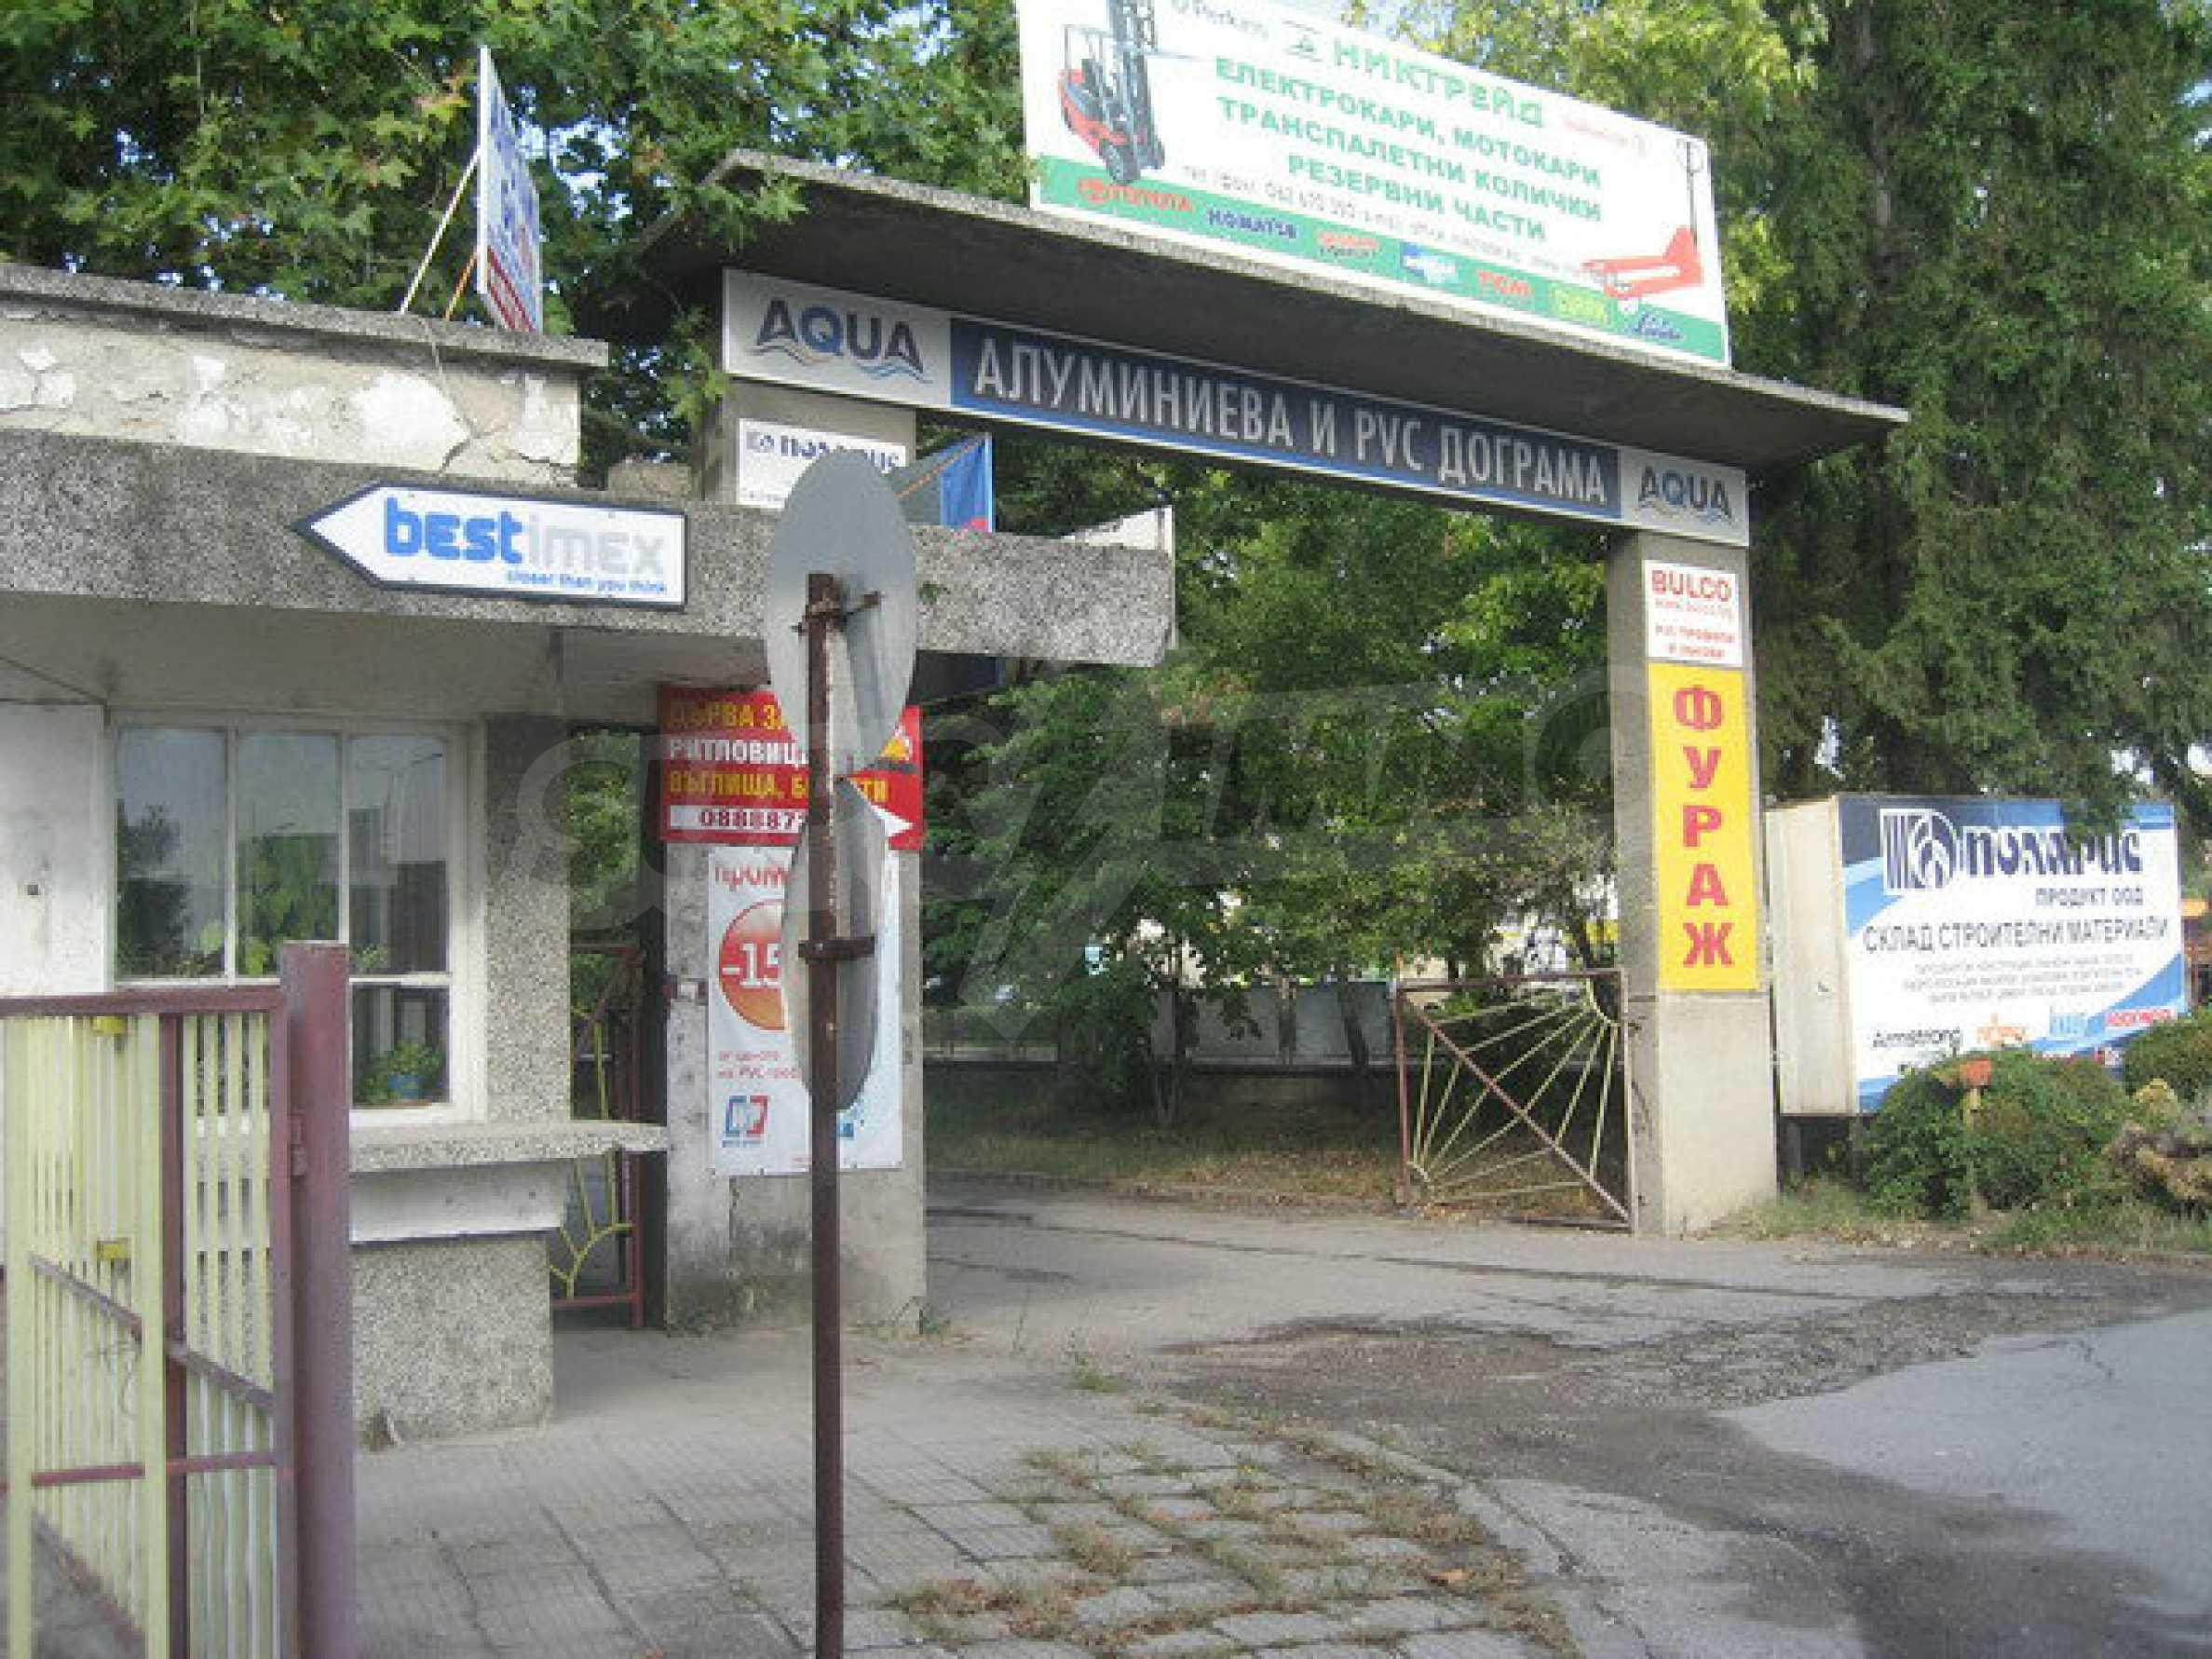 Grundstück in guter Lage in Veliko Tarnovo 13